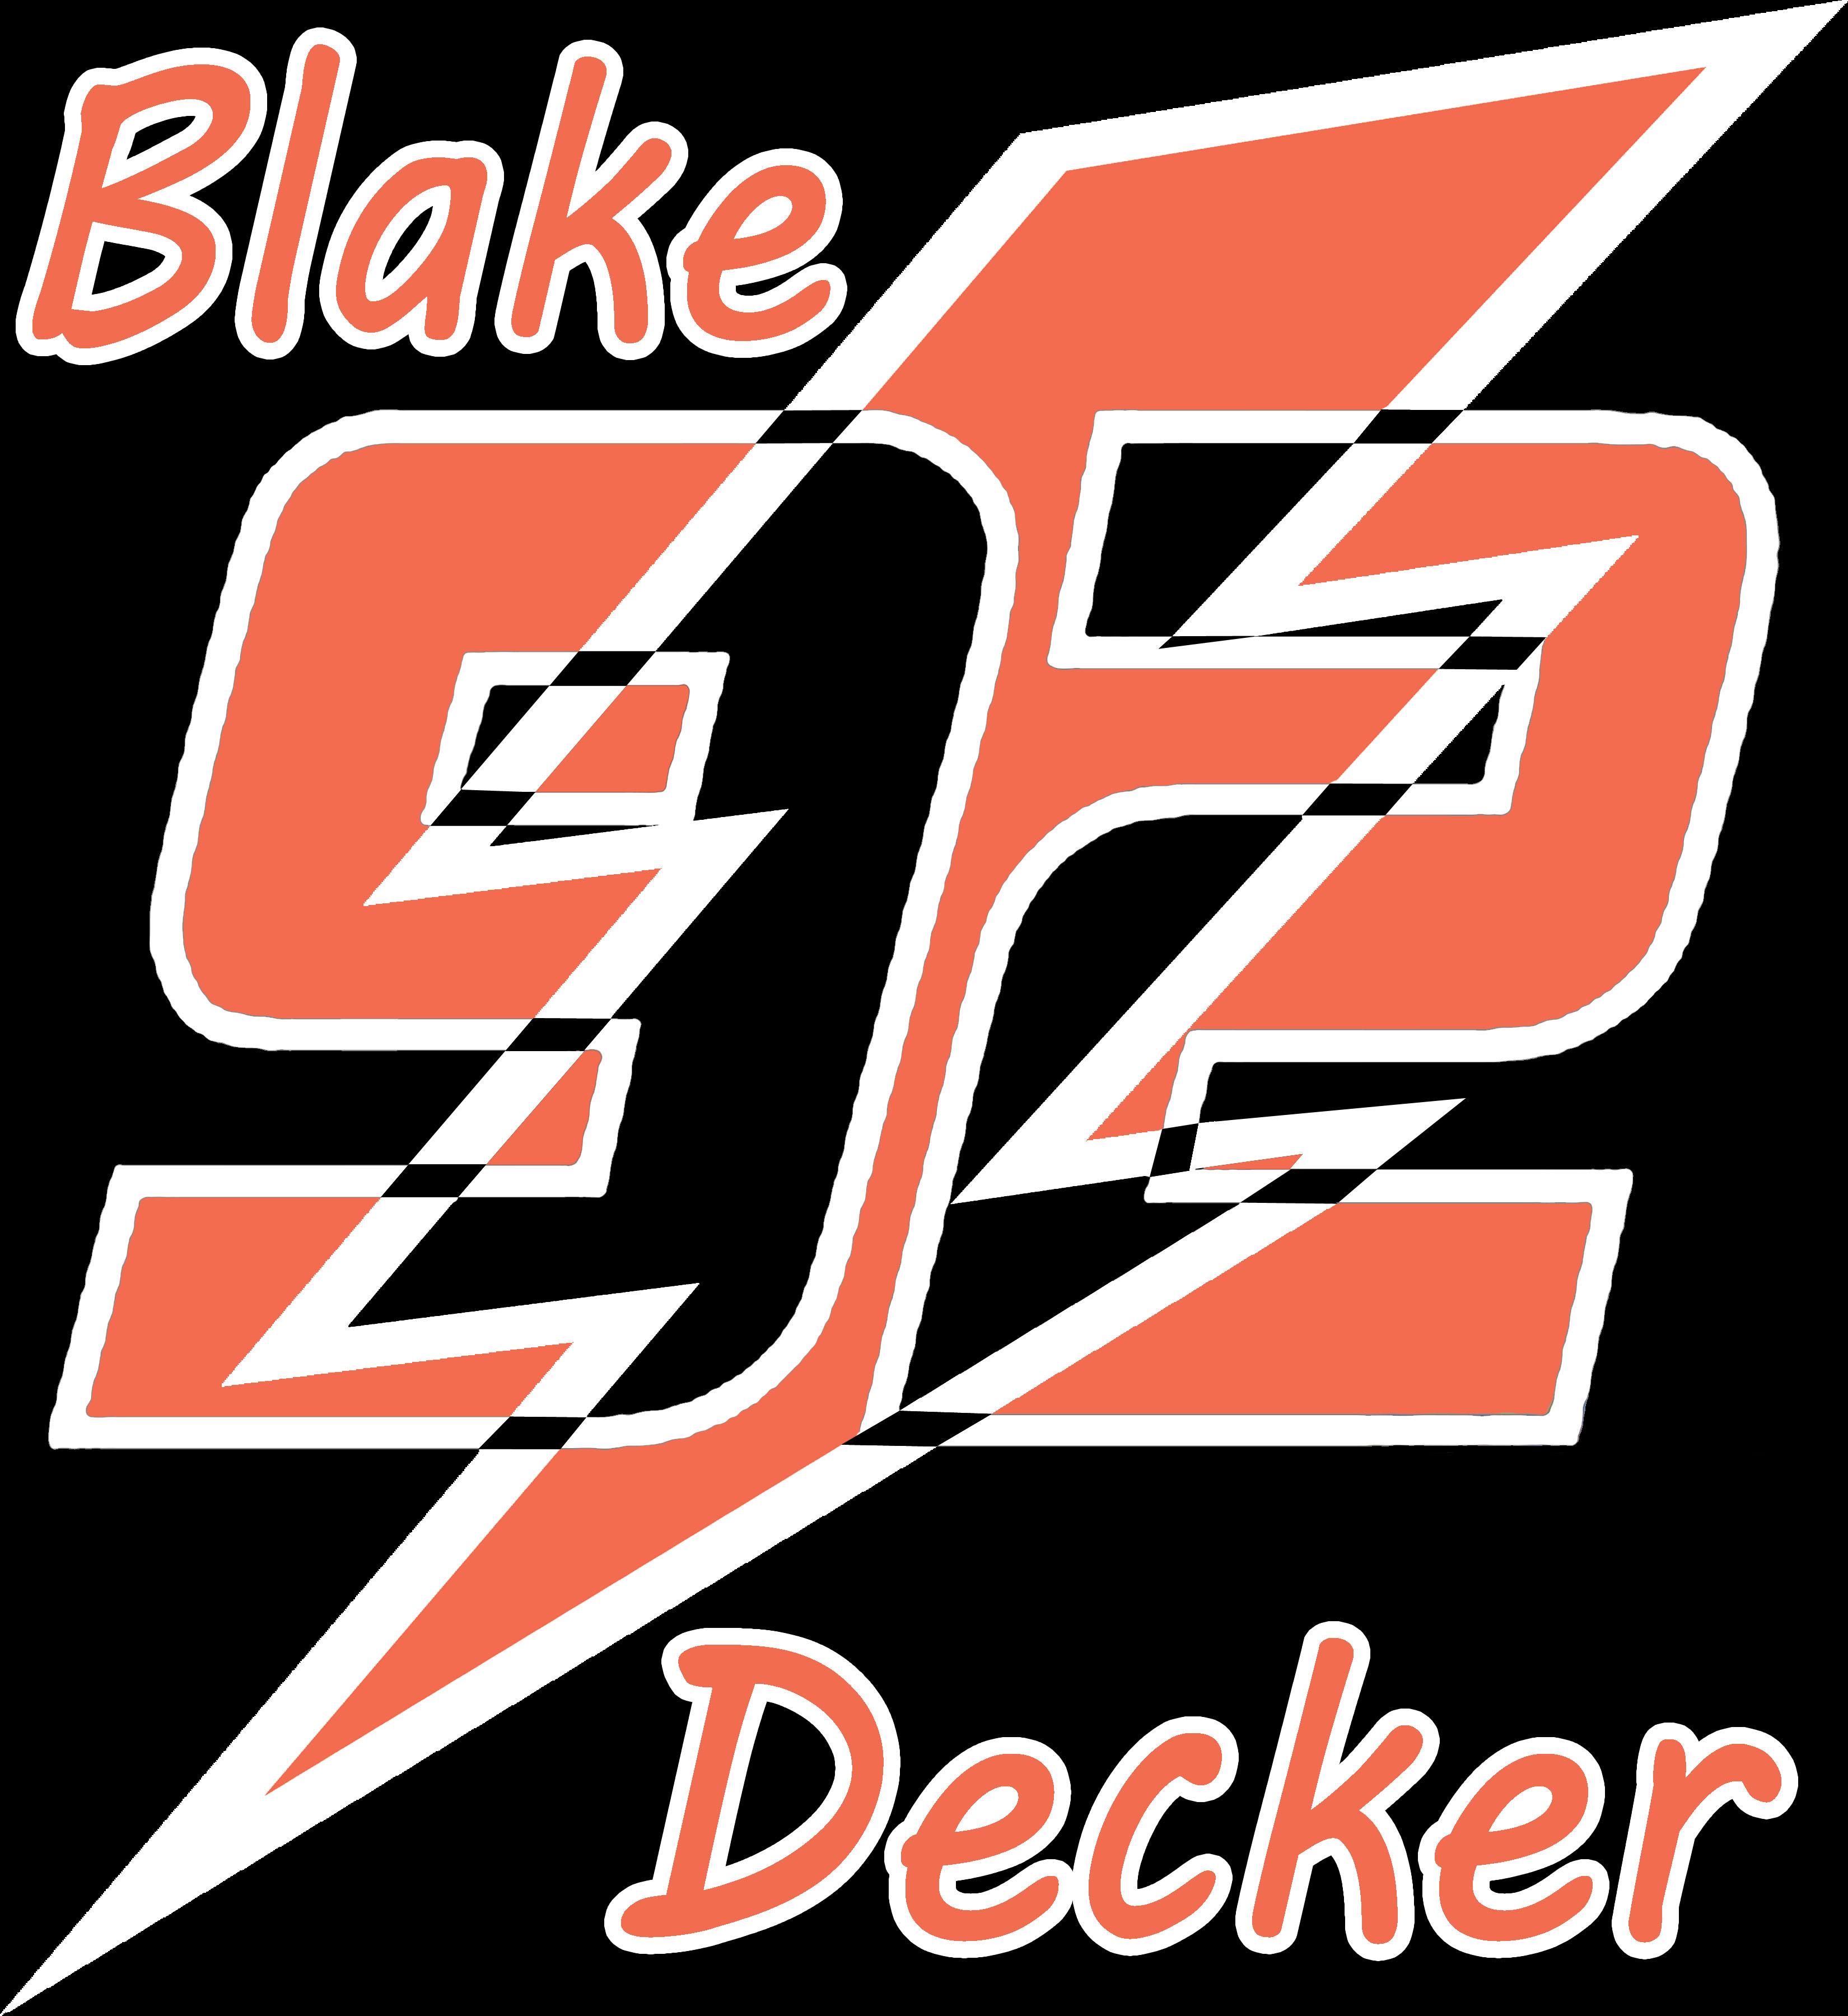 Blakedecker